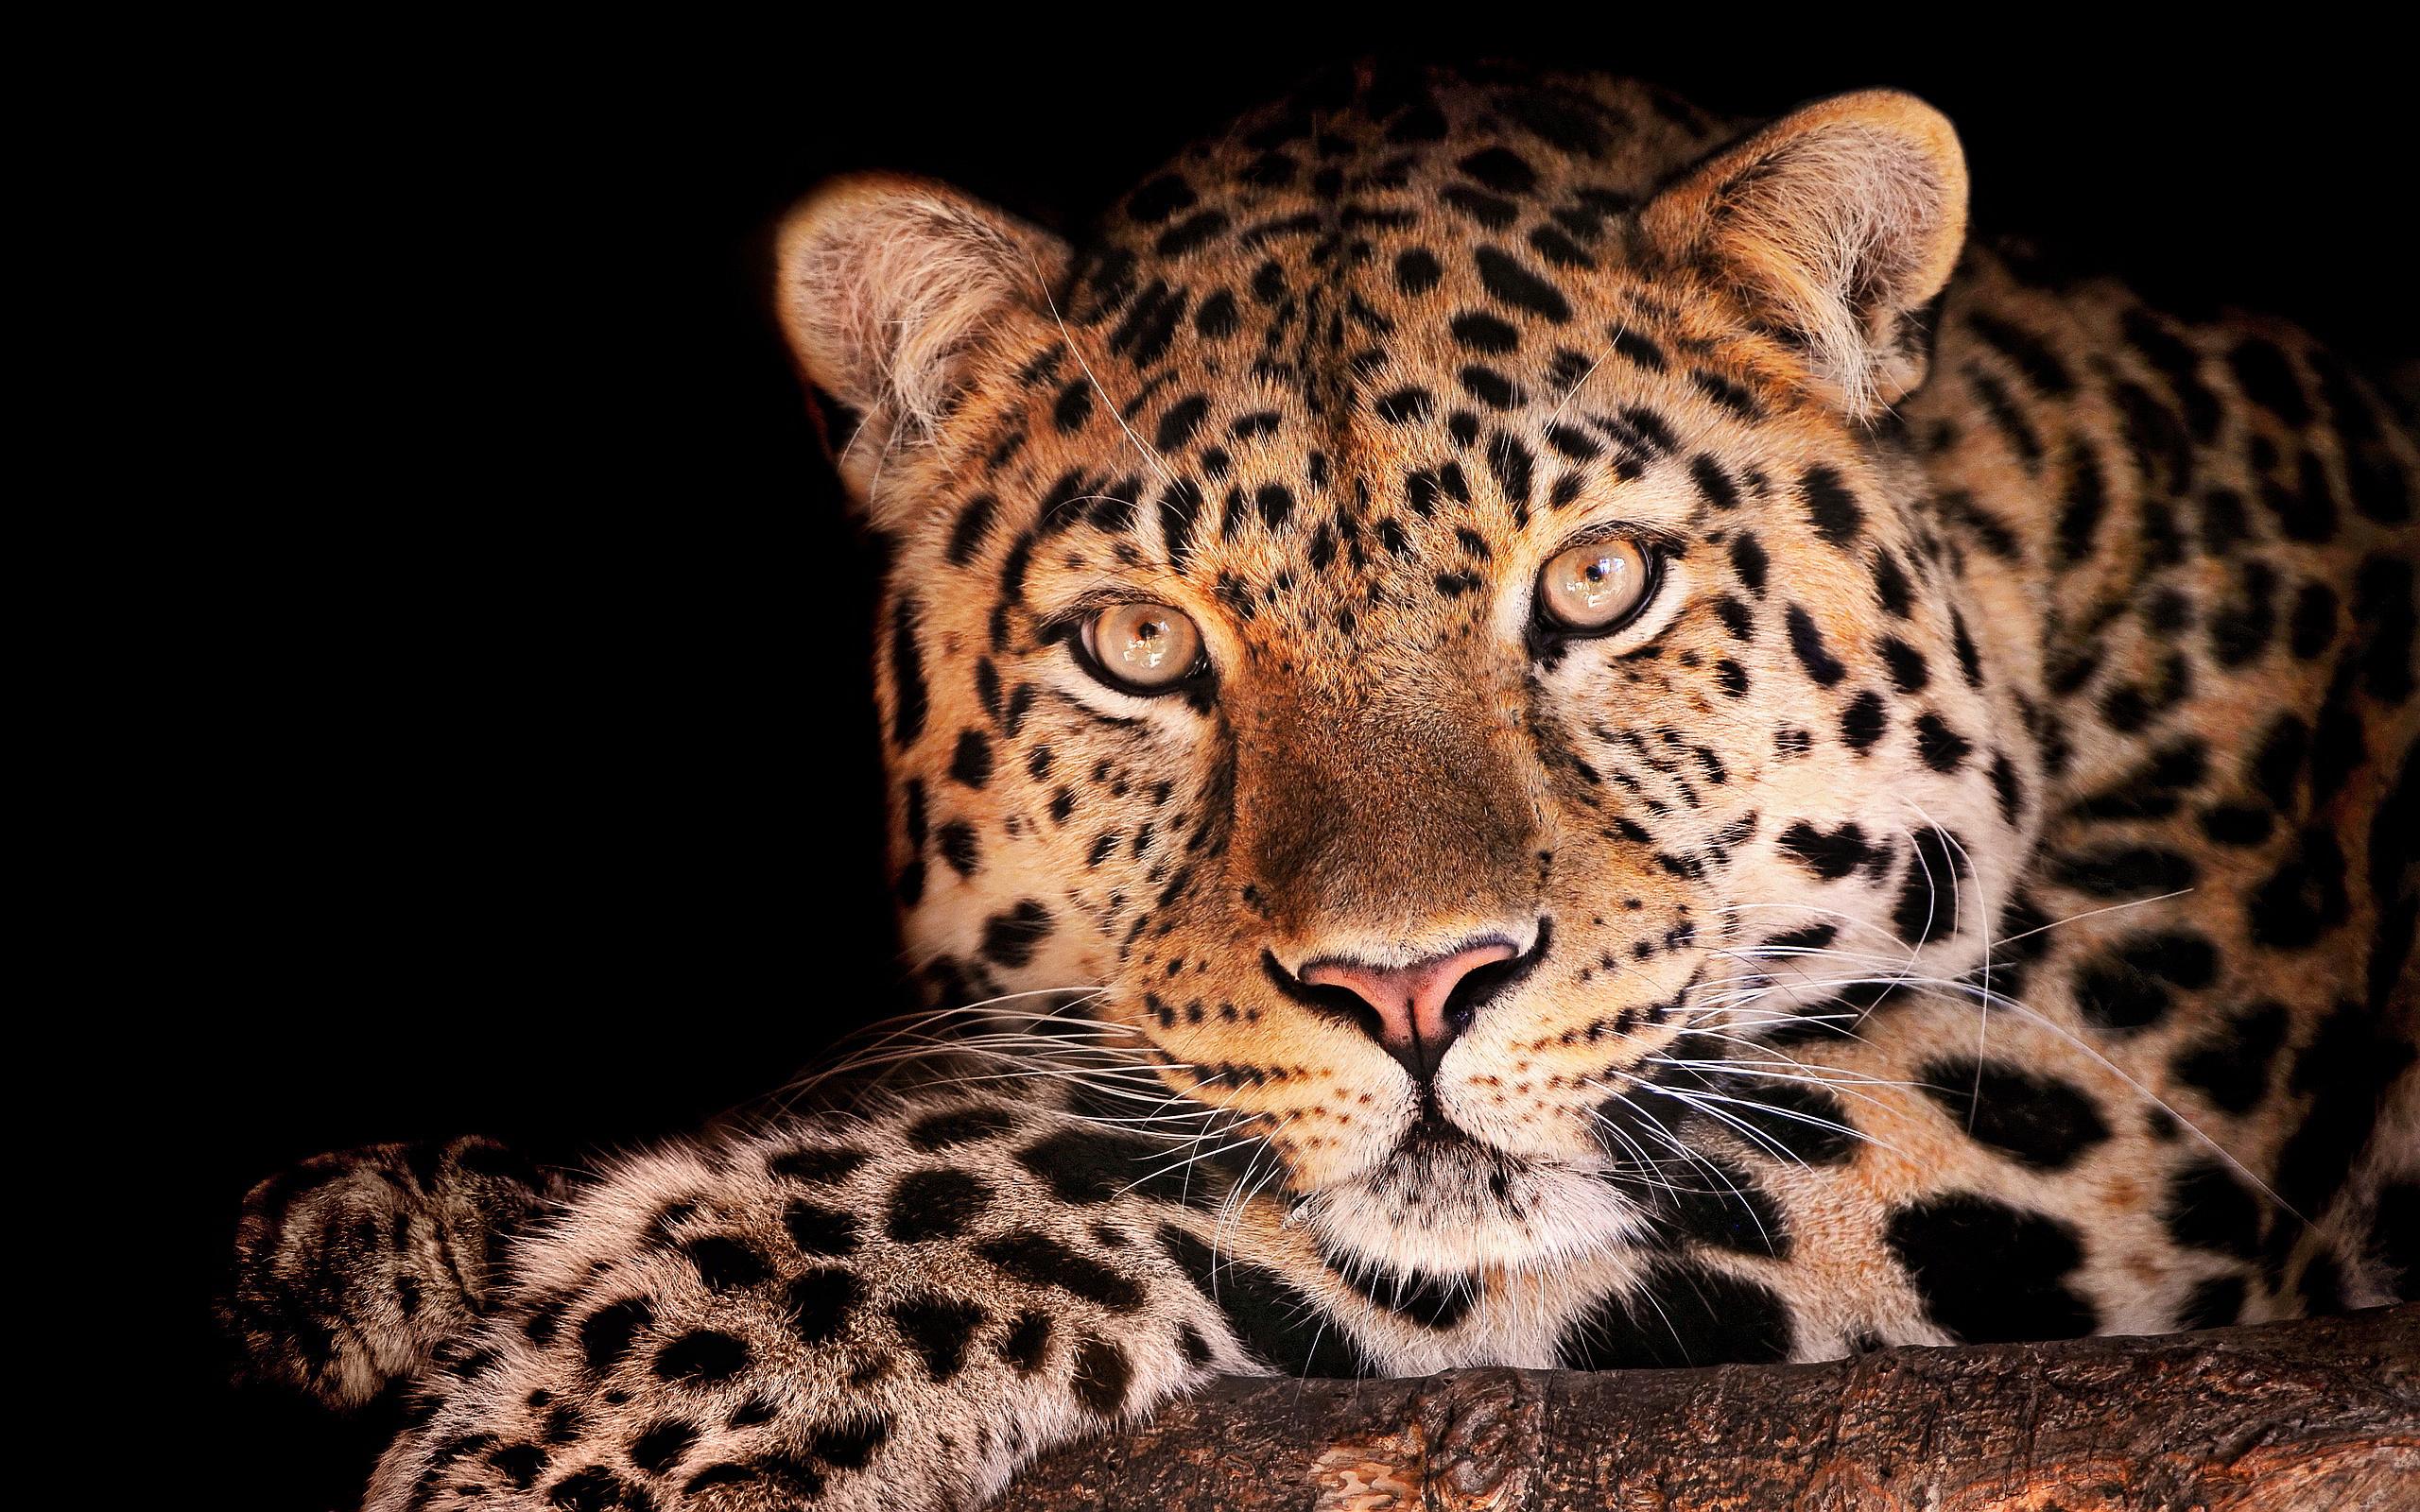 Animal Print Desktop Wallpaper Leopard Eye Hd Desktop Wallpapers 4k Hd